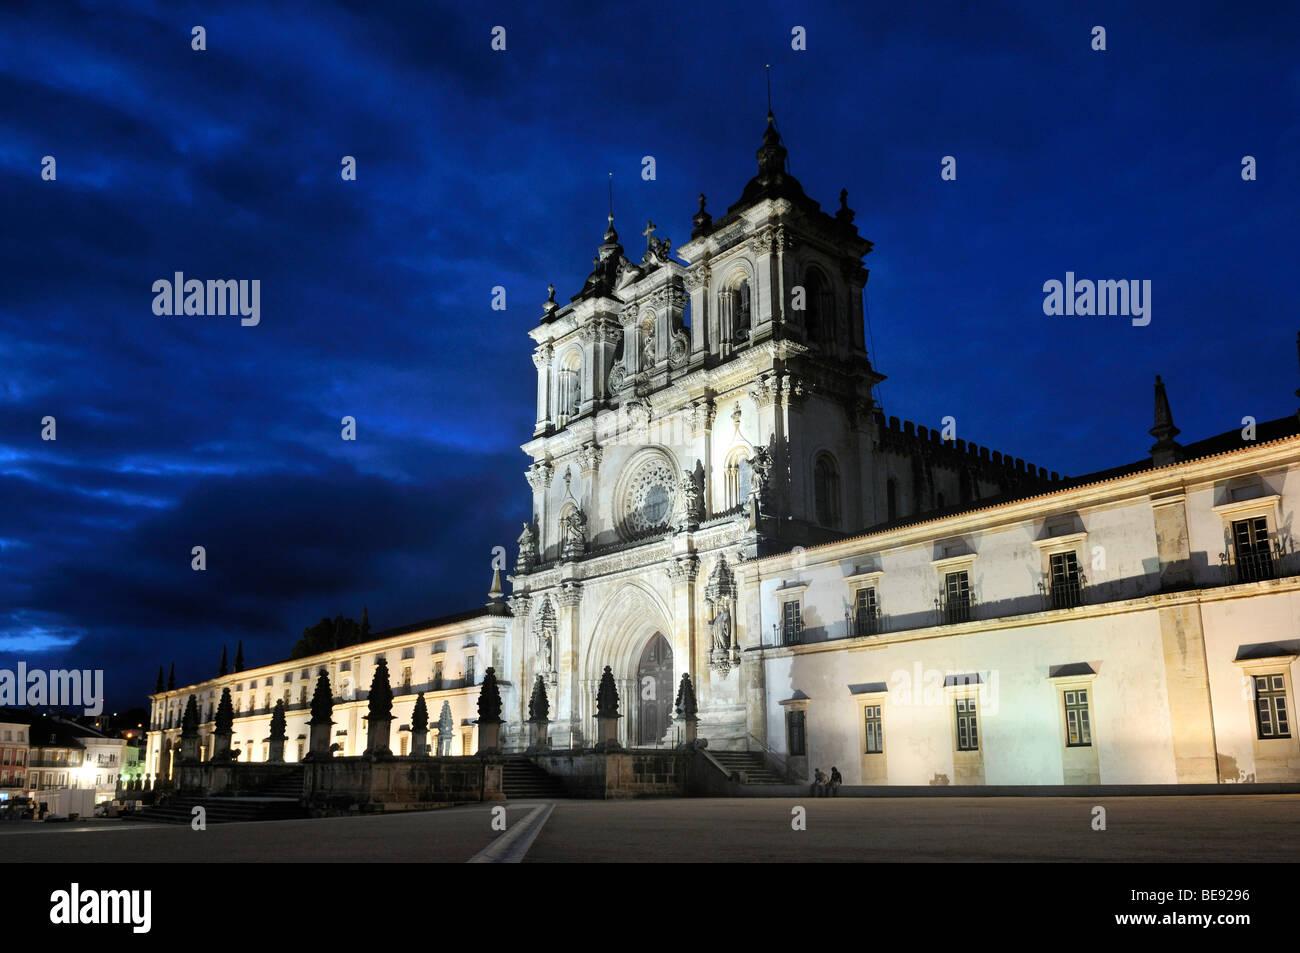 Church and monastery of Santa Maria in Alcobaça, Mosteiro de Santa Maria de Alcobaça at night, UNESCO - Stock Image